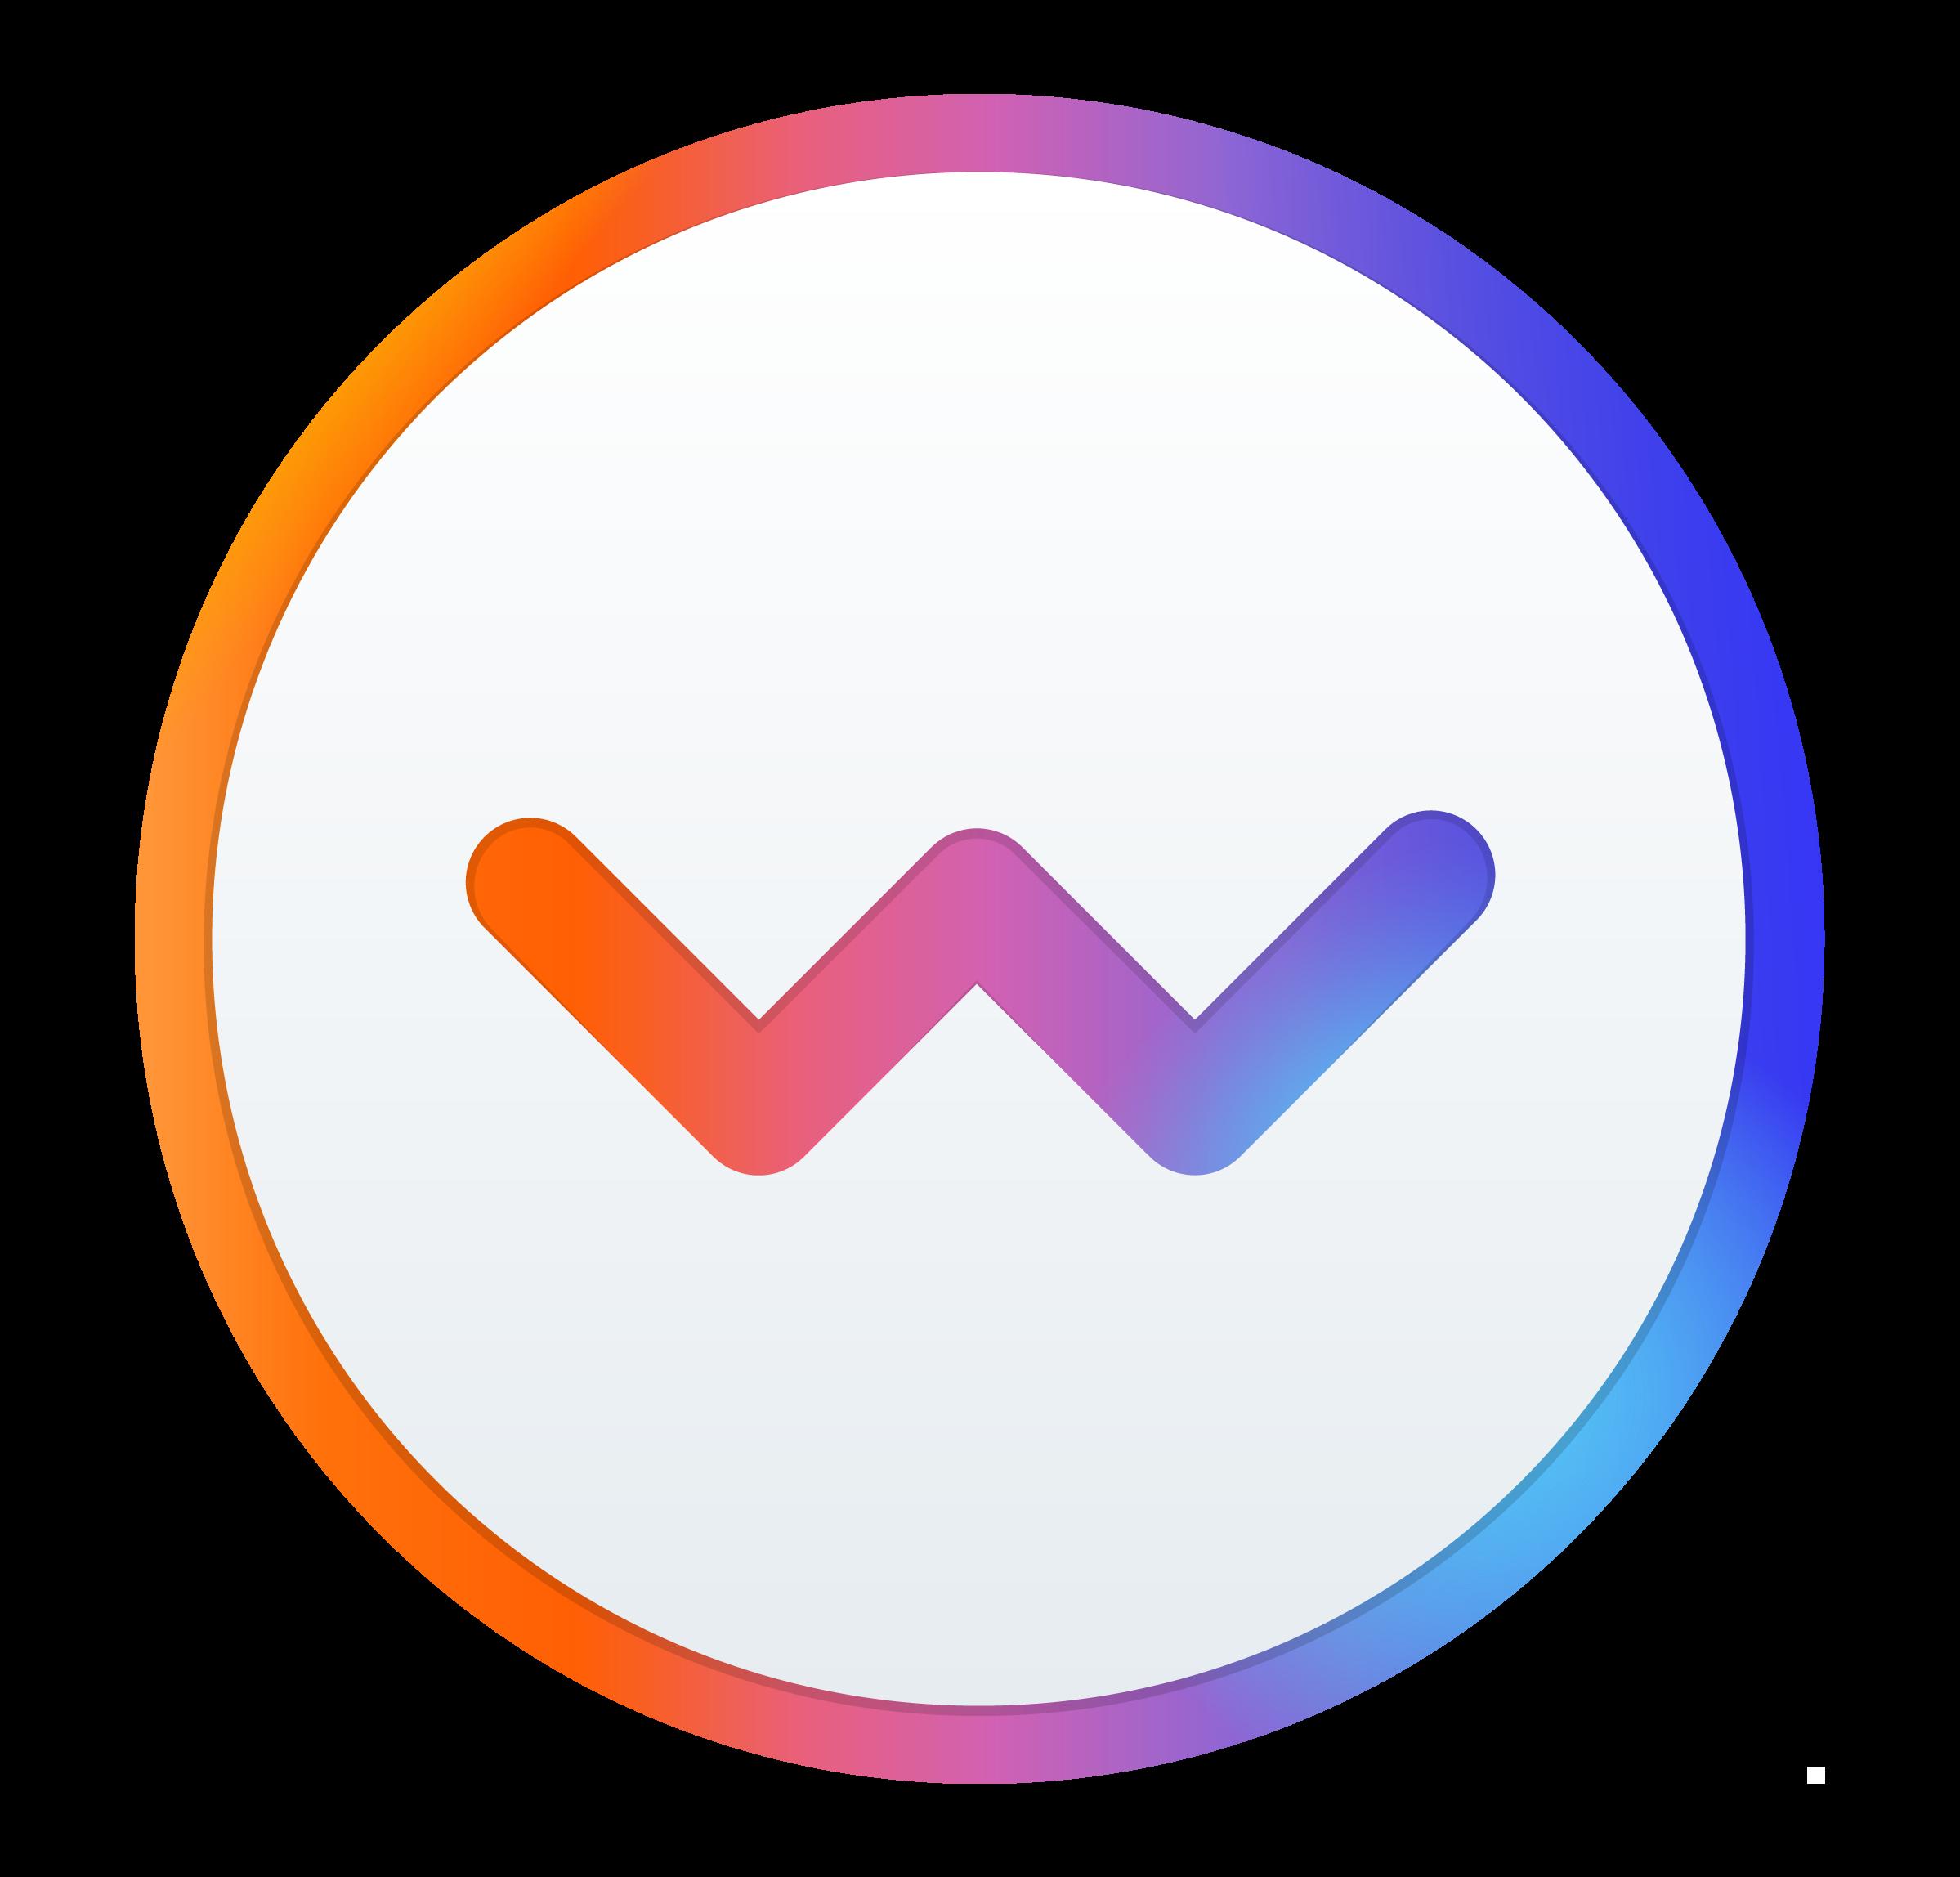 waltr2 logo 1 - iTunesなしで「ミュージック」や「ビデオ」にファイルをそのまま転送するソフト【Waltr2】